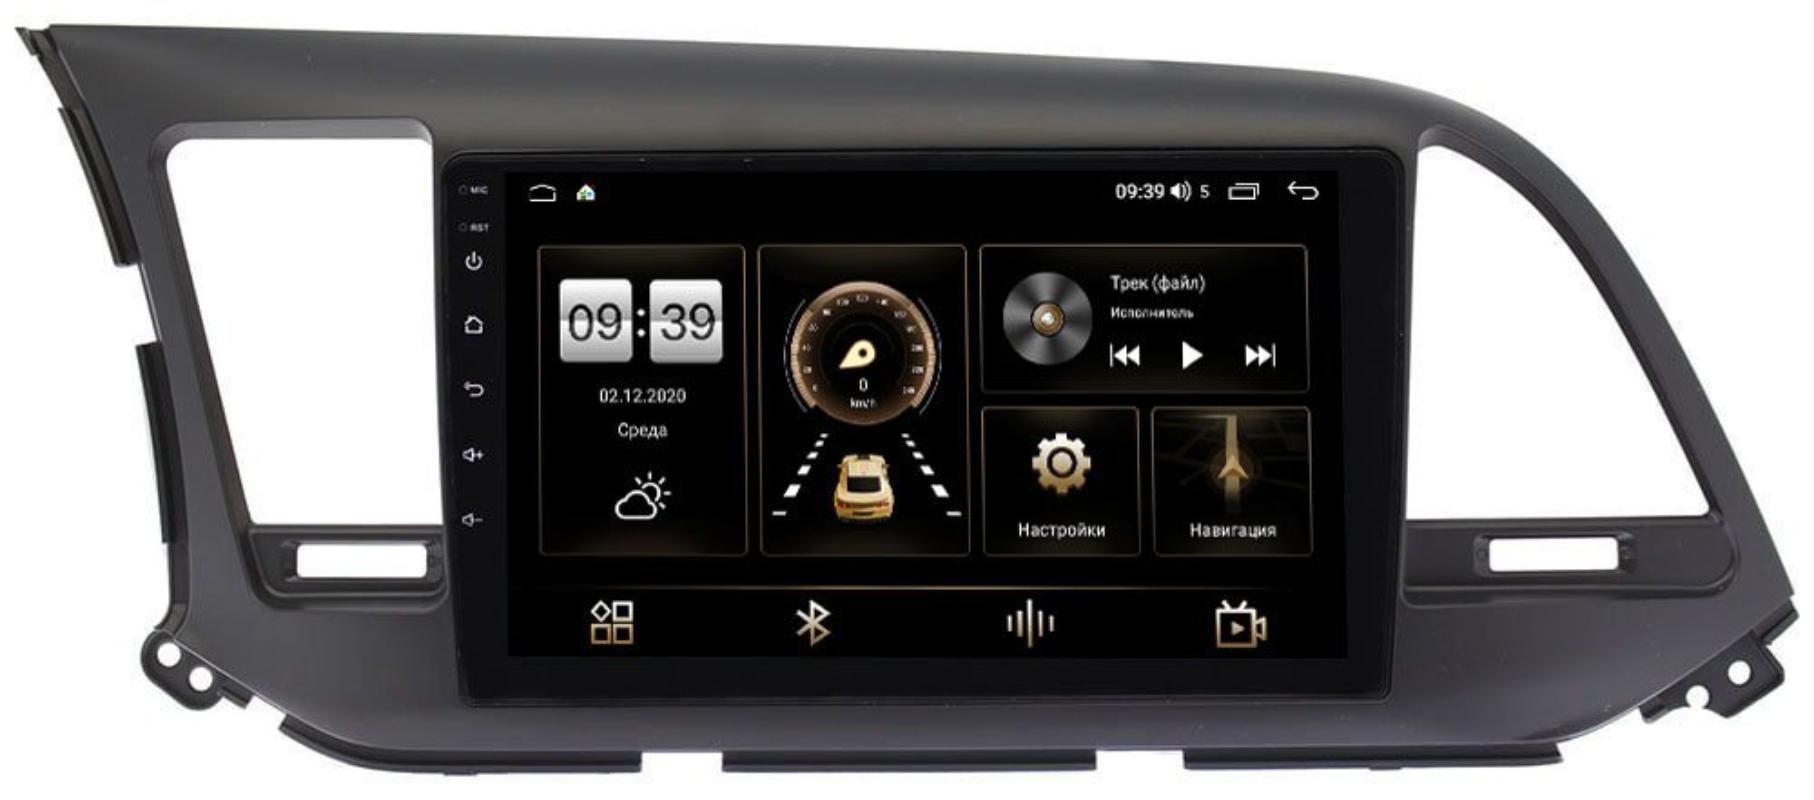 Штатная магнитола Hyundai Elantra VI (AD) 2015-2019 LeTrun 4196-9026 для авто с камерой на Android 10 (6/128, DSP, QLed) С оптическим выходом (+ Камера заднего вида в подарок!)